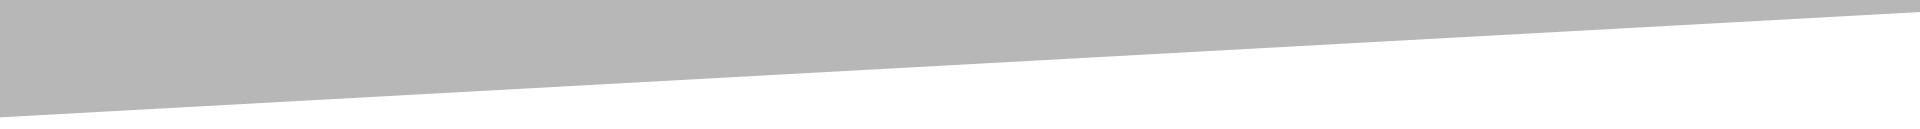 detalhe-layout-topo-manutencao